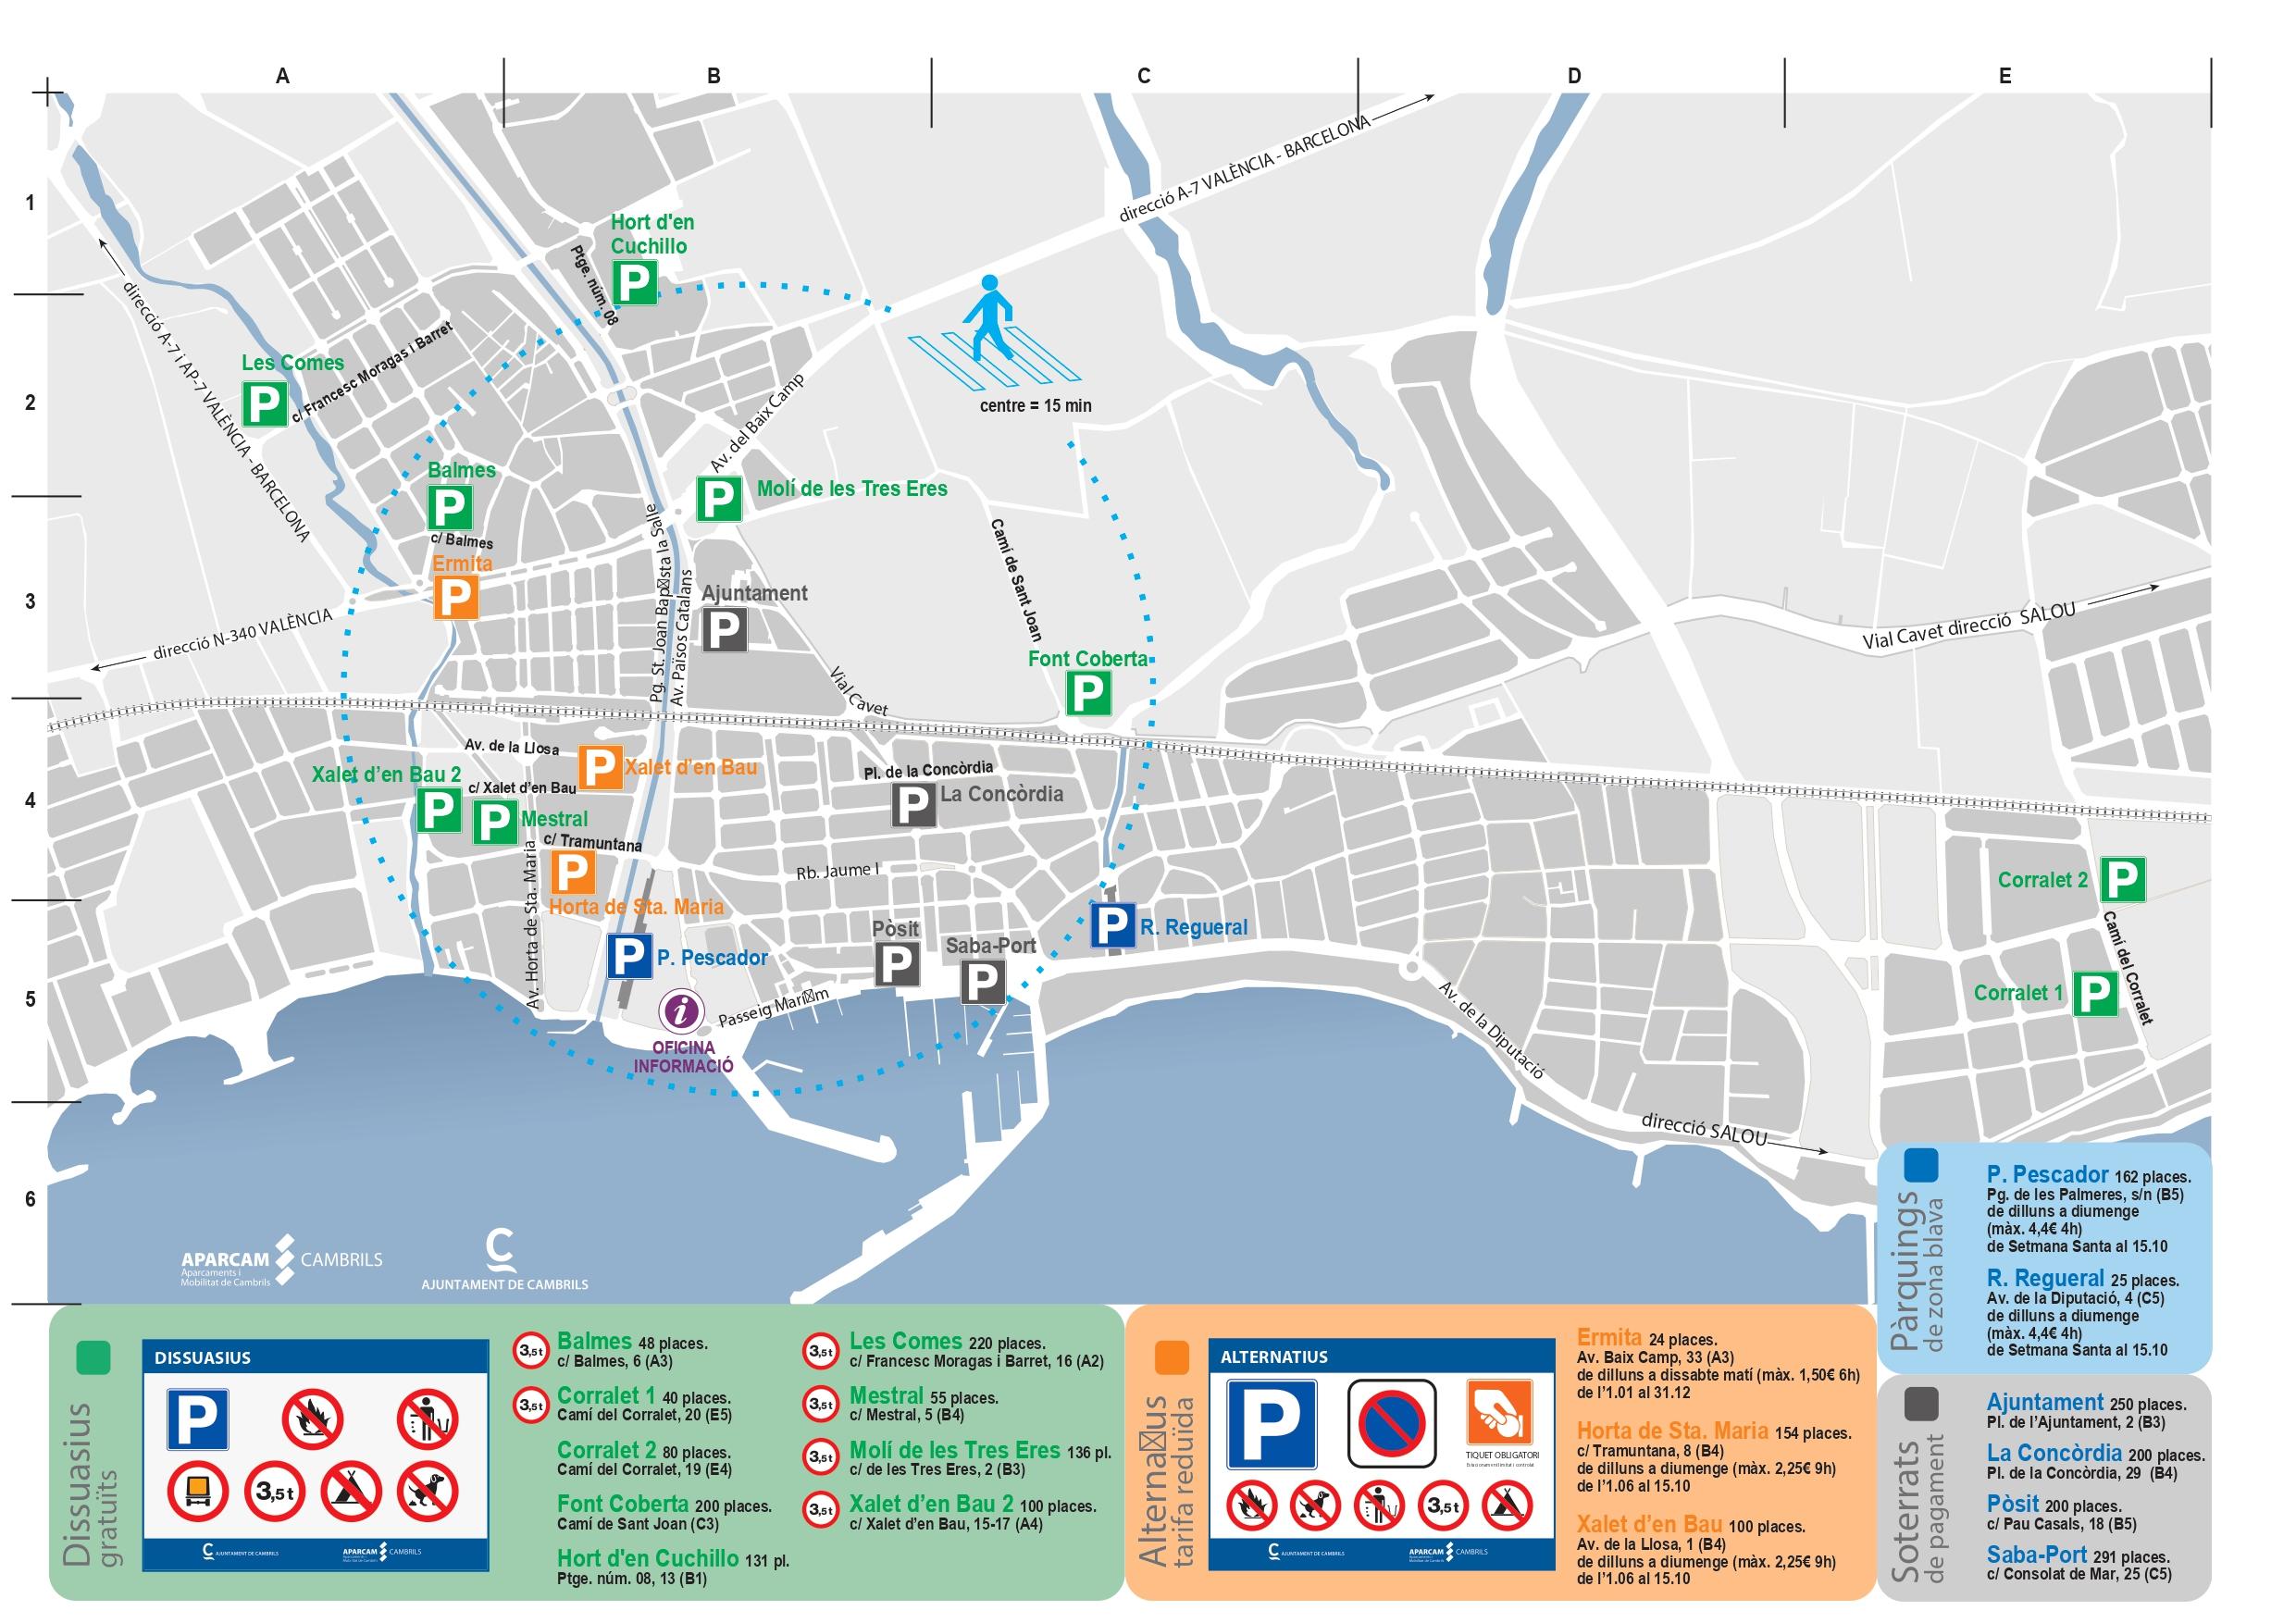 mapa alternatius dissuasoris Cambrils